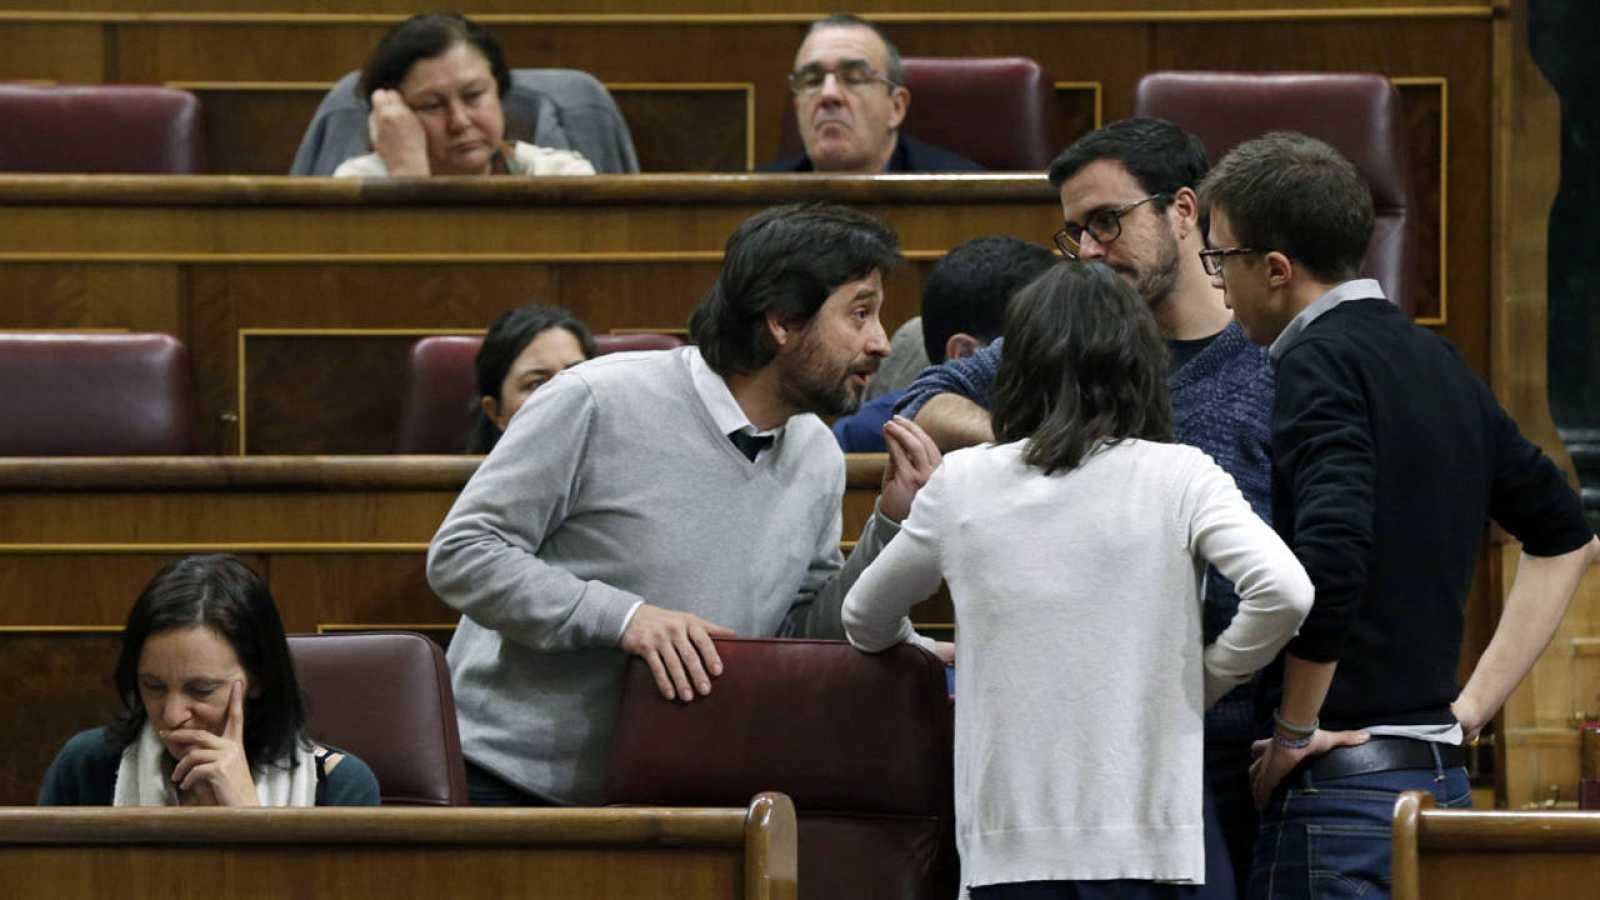 Los diputados de Unidos Podemos conversan durante el pleno del Congreso de los Diputados